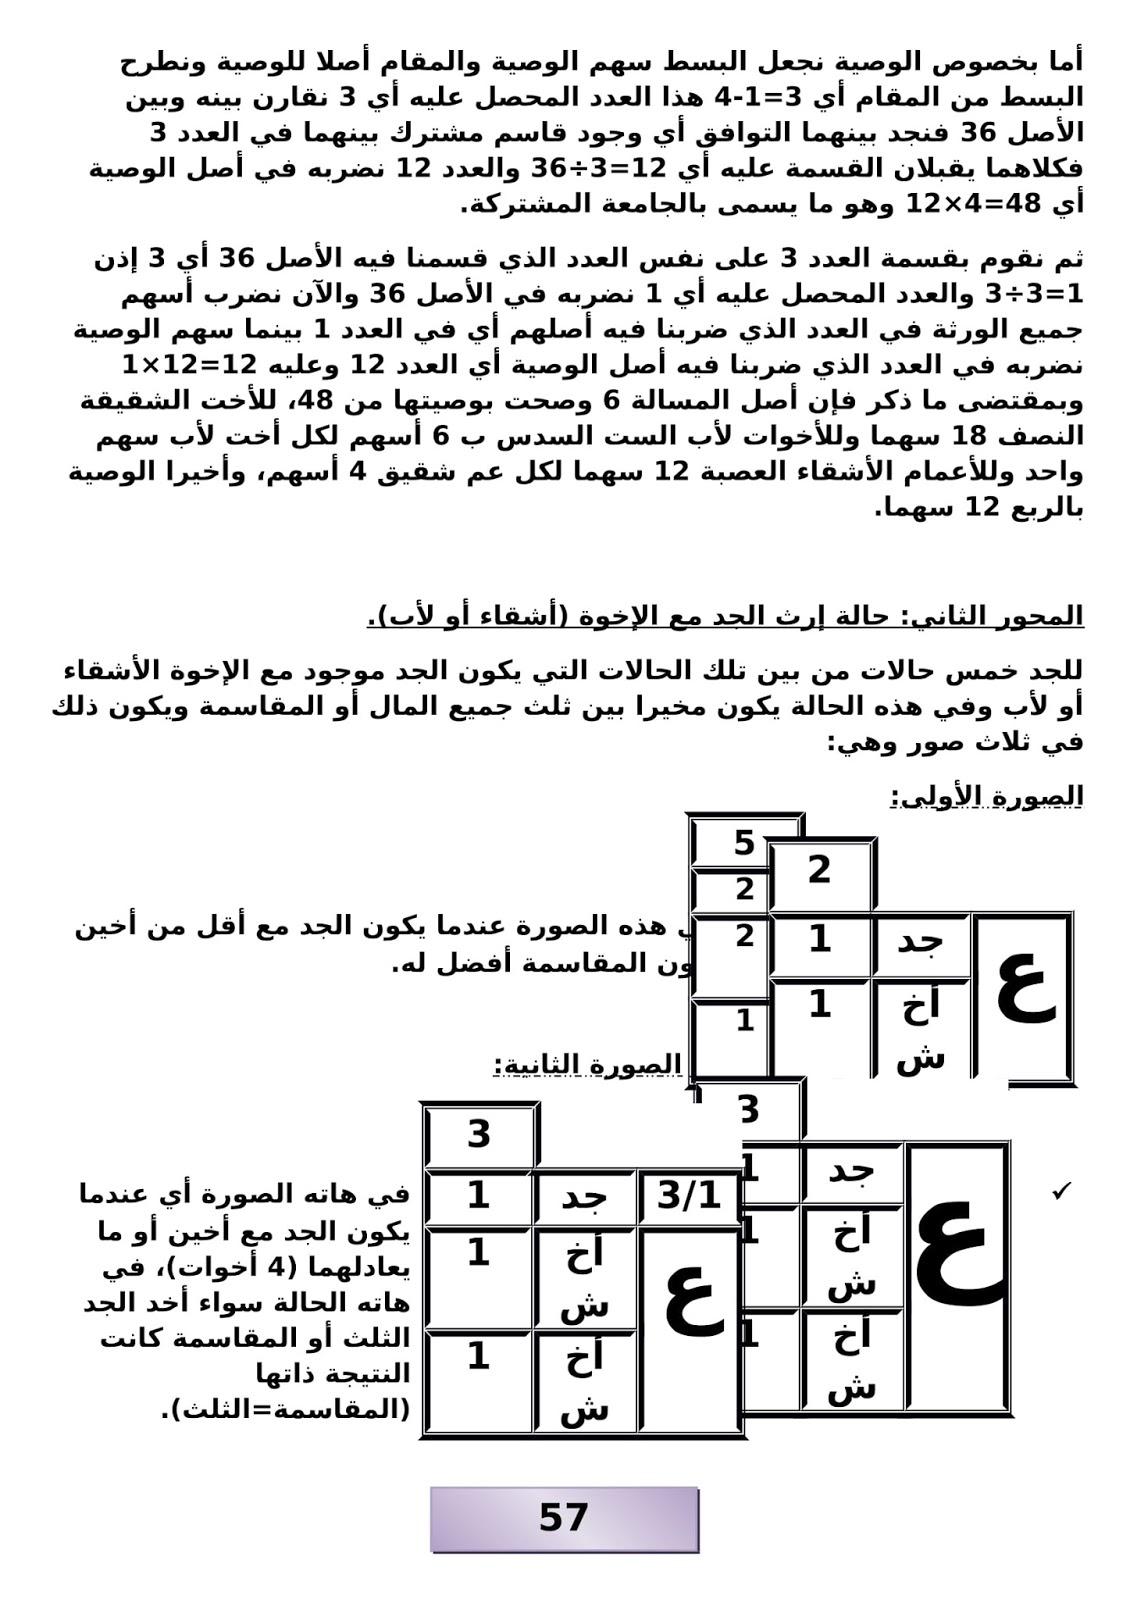 نمادج امتحانات مع الحلول في الارث